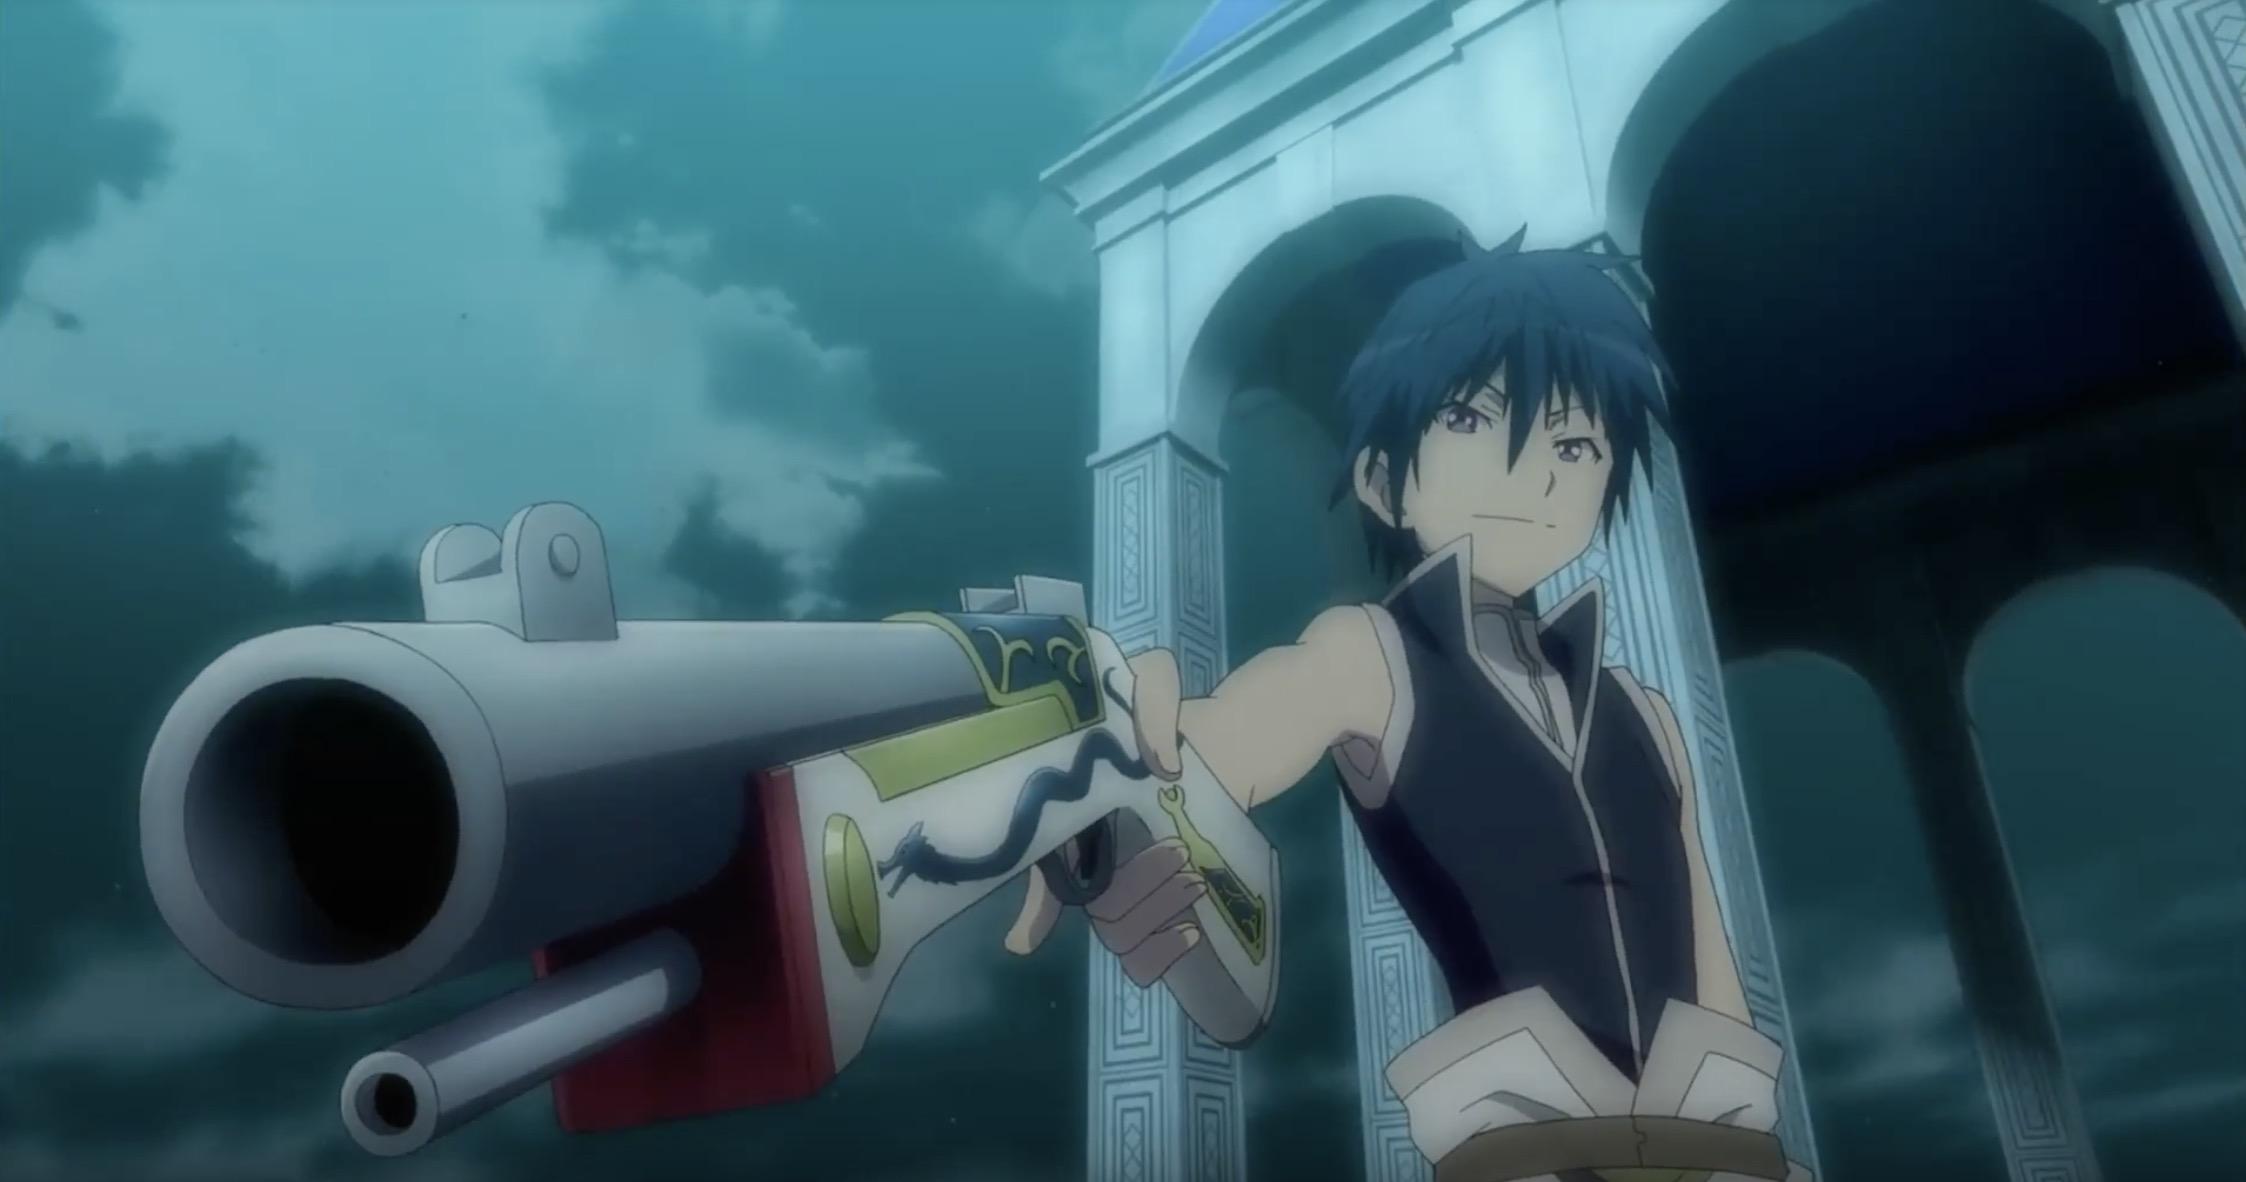 松岡禎丞 さんの魅力とおすすめ出演アニメを語りたい!